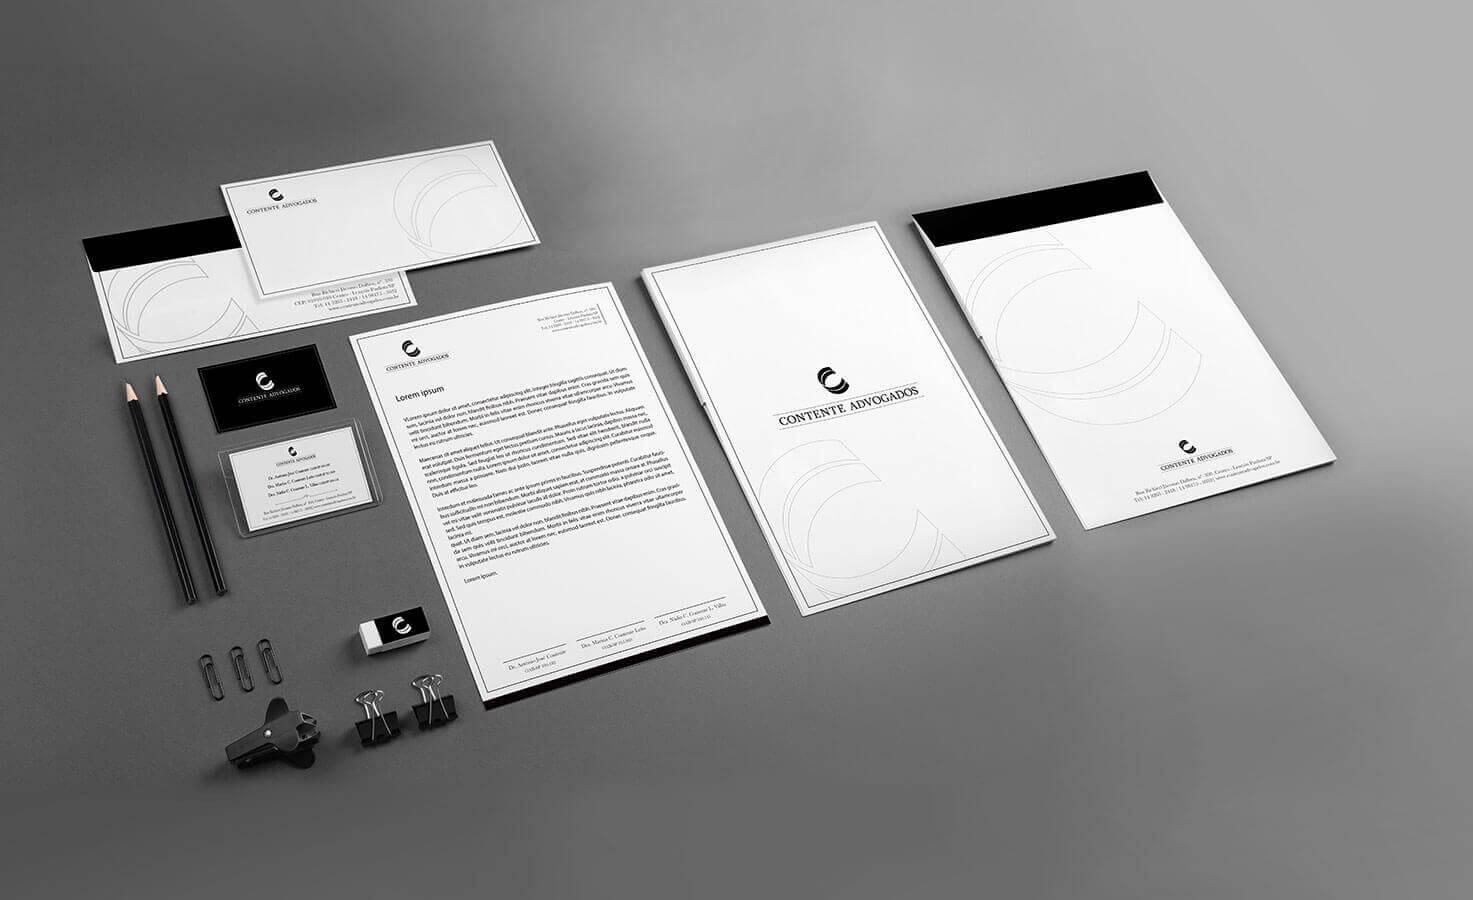 Portfolio Identidade Visual Contente Advogados